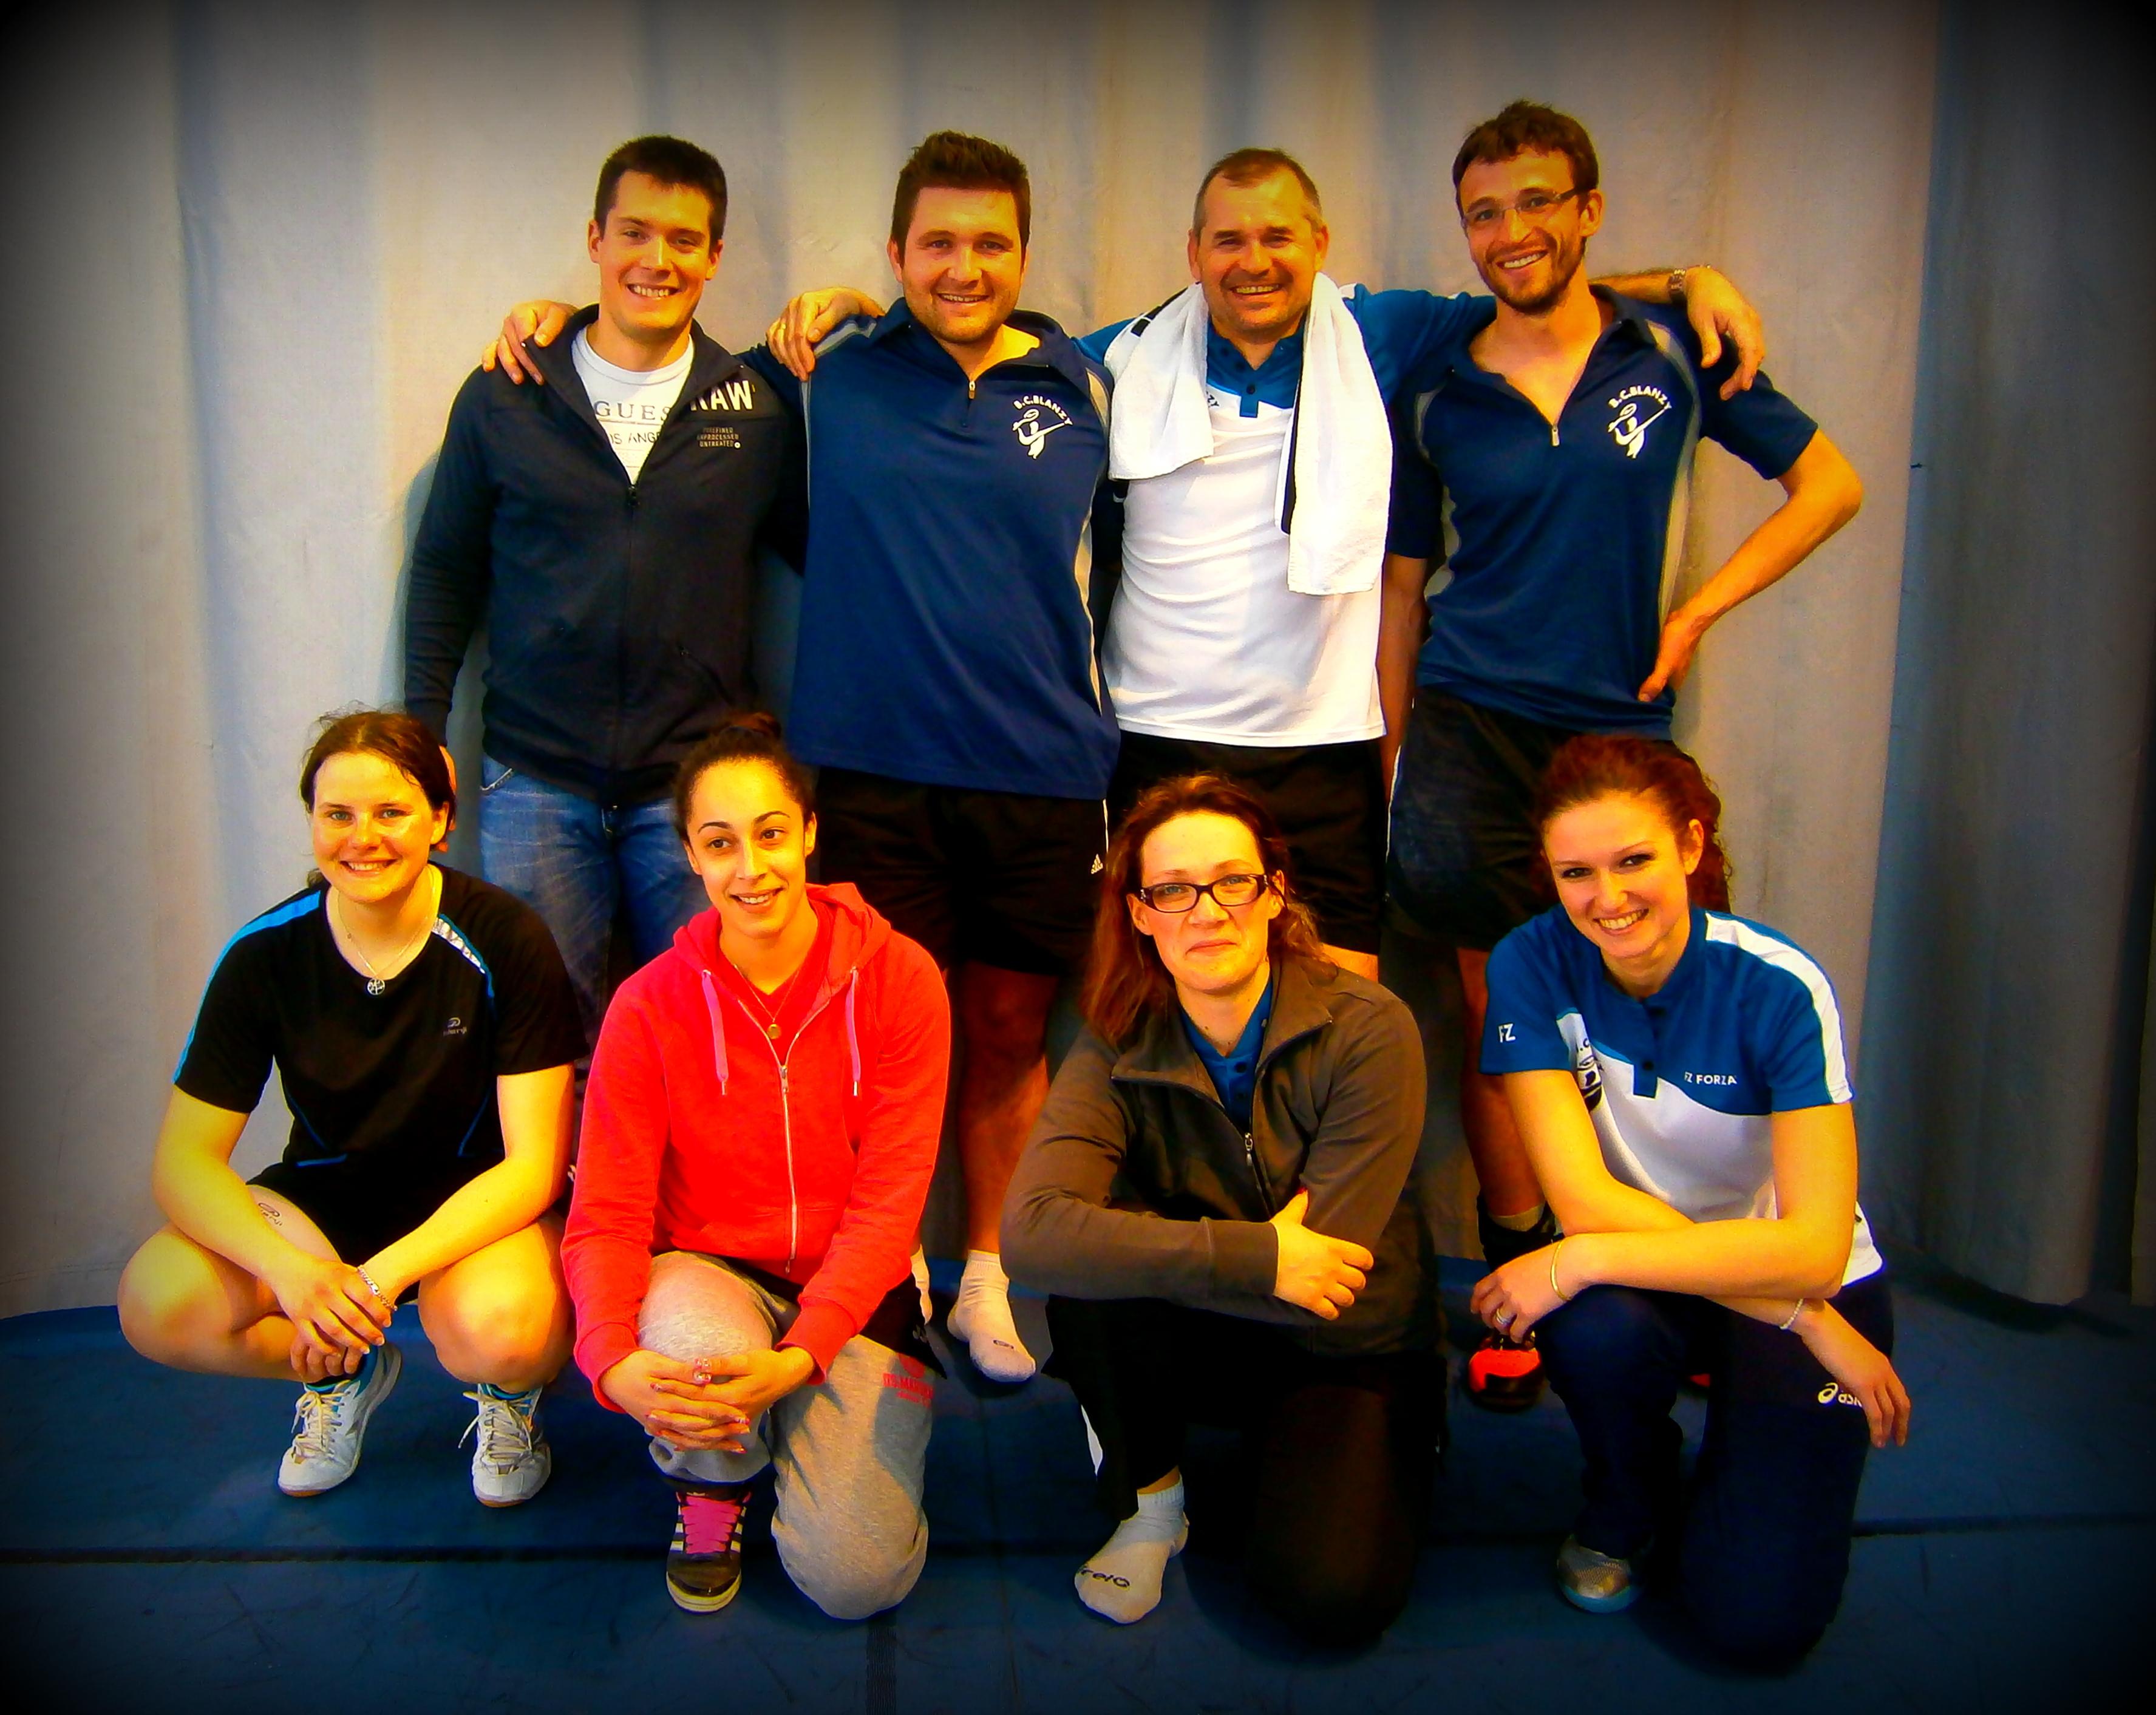 Equipe championne de D1 - 2015